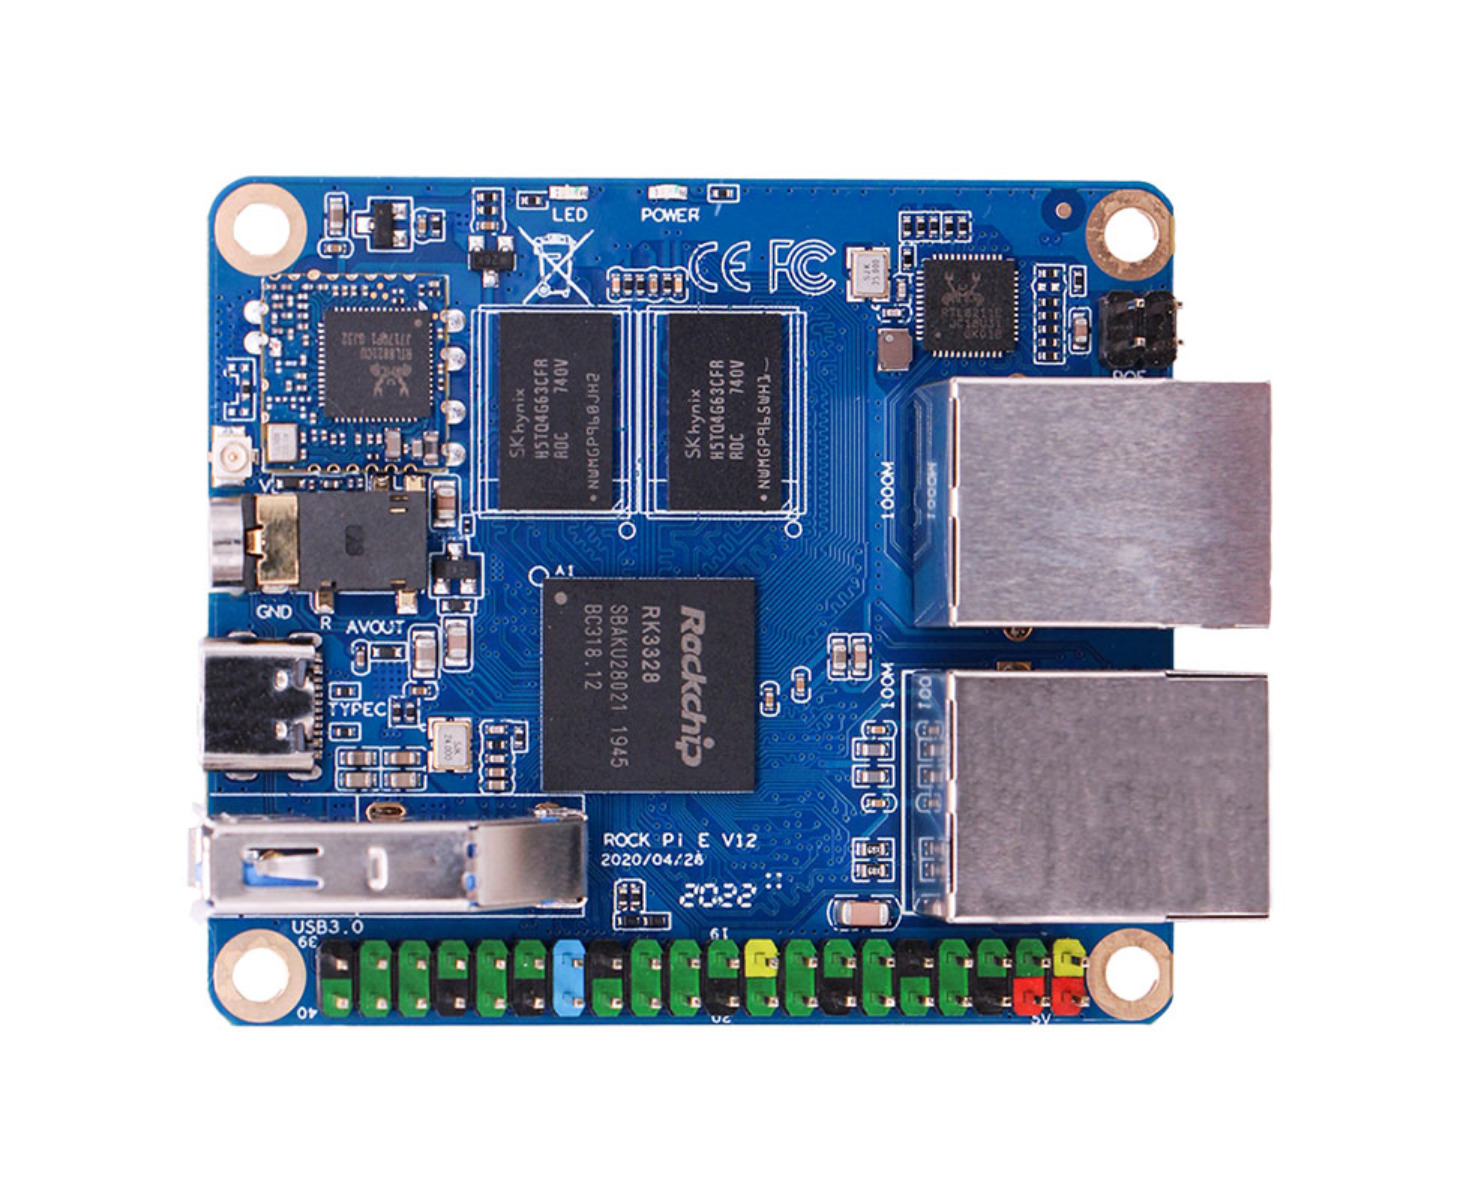 ROCK Pi E SBC Features Rockchip RK3328, With 64bits quad core processor